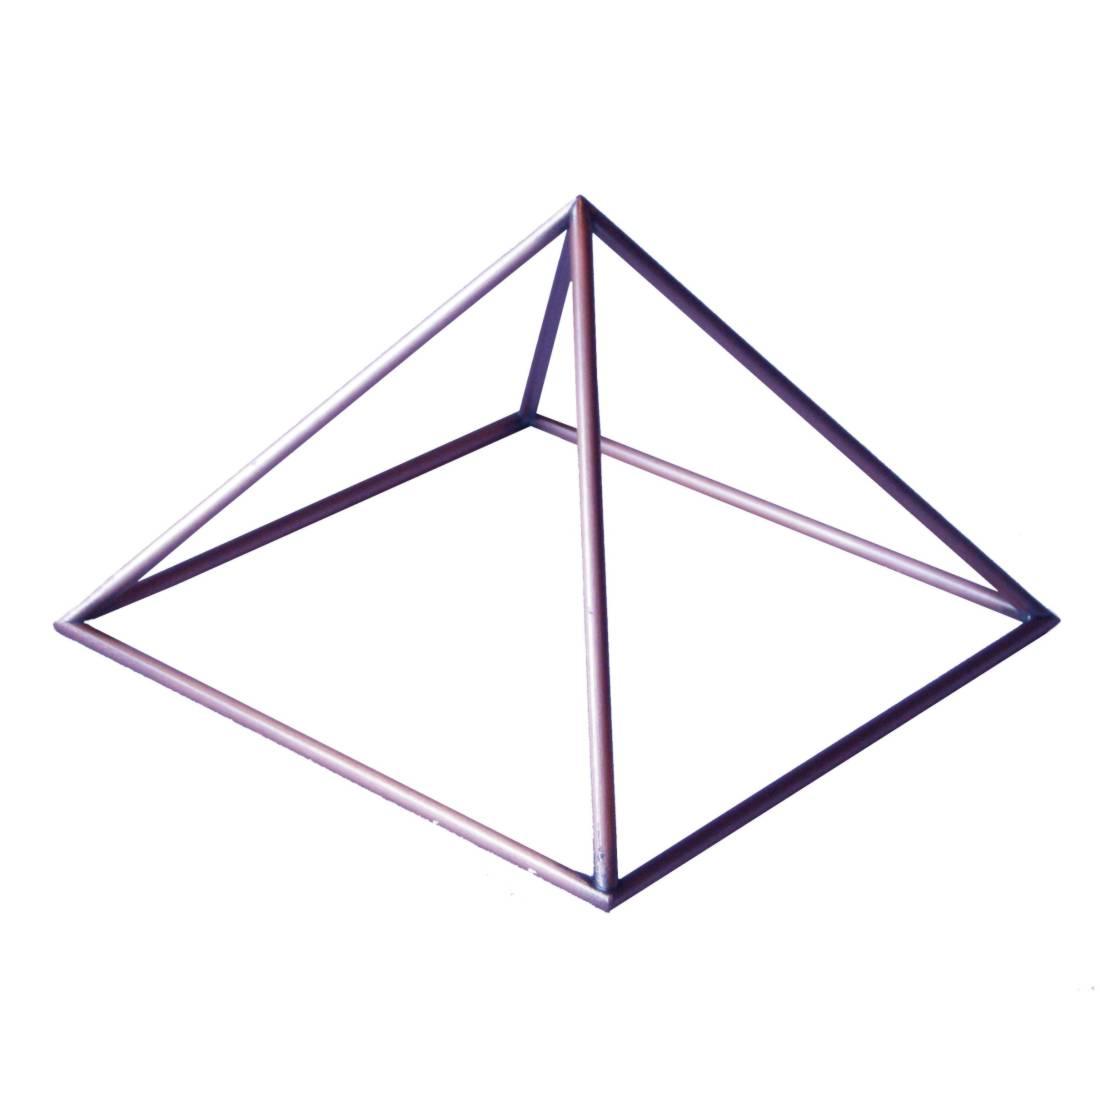 Pirâmide cobre 16 cm  - Zots